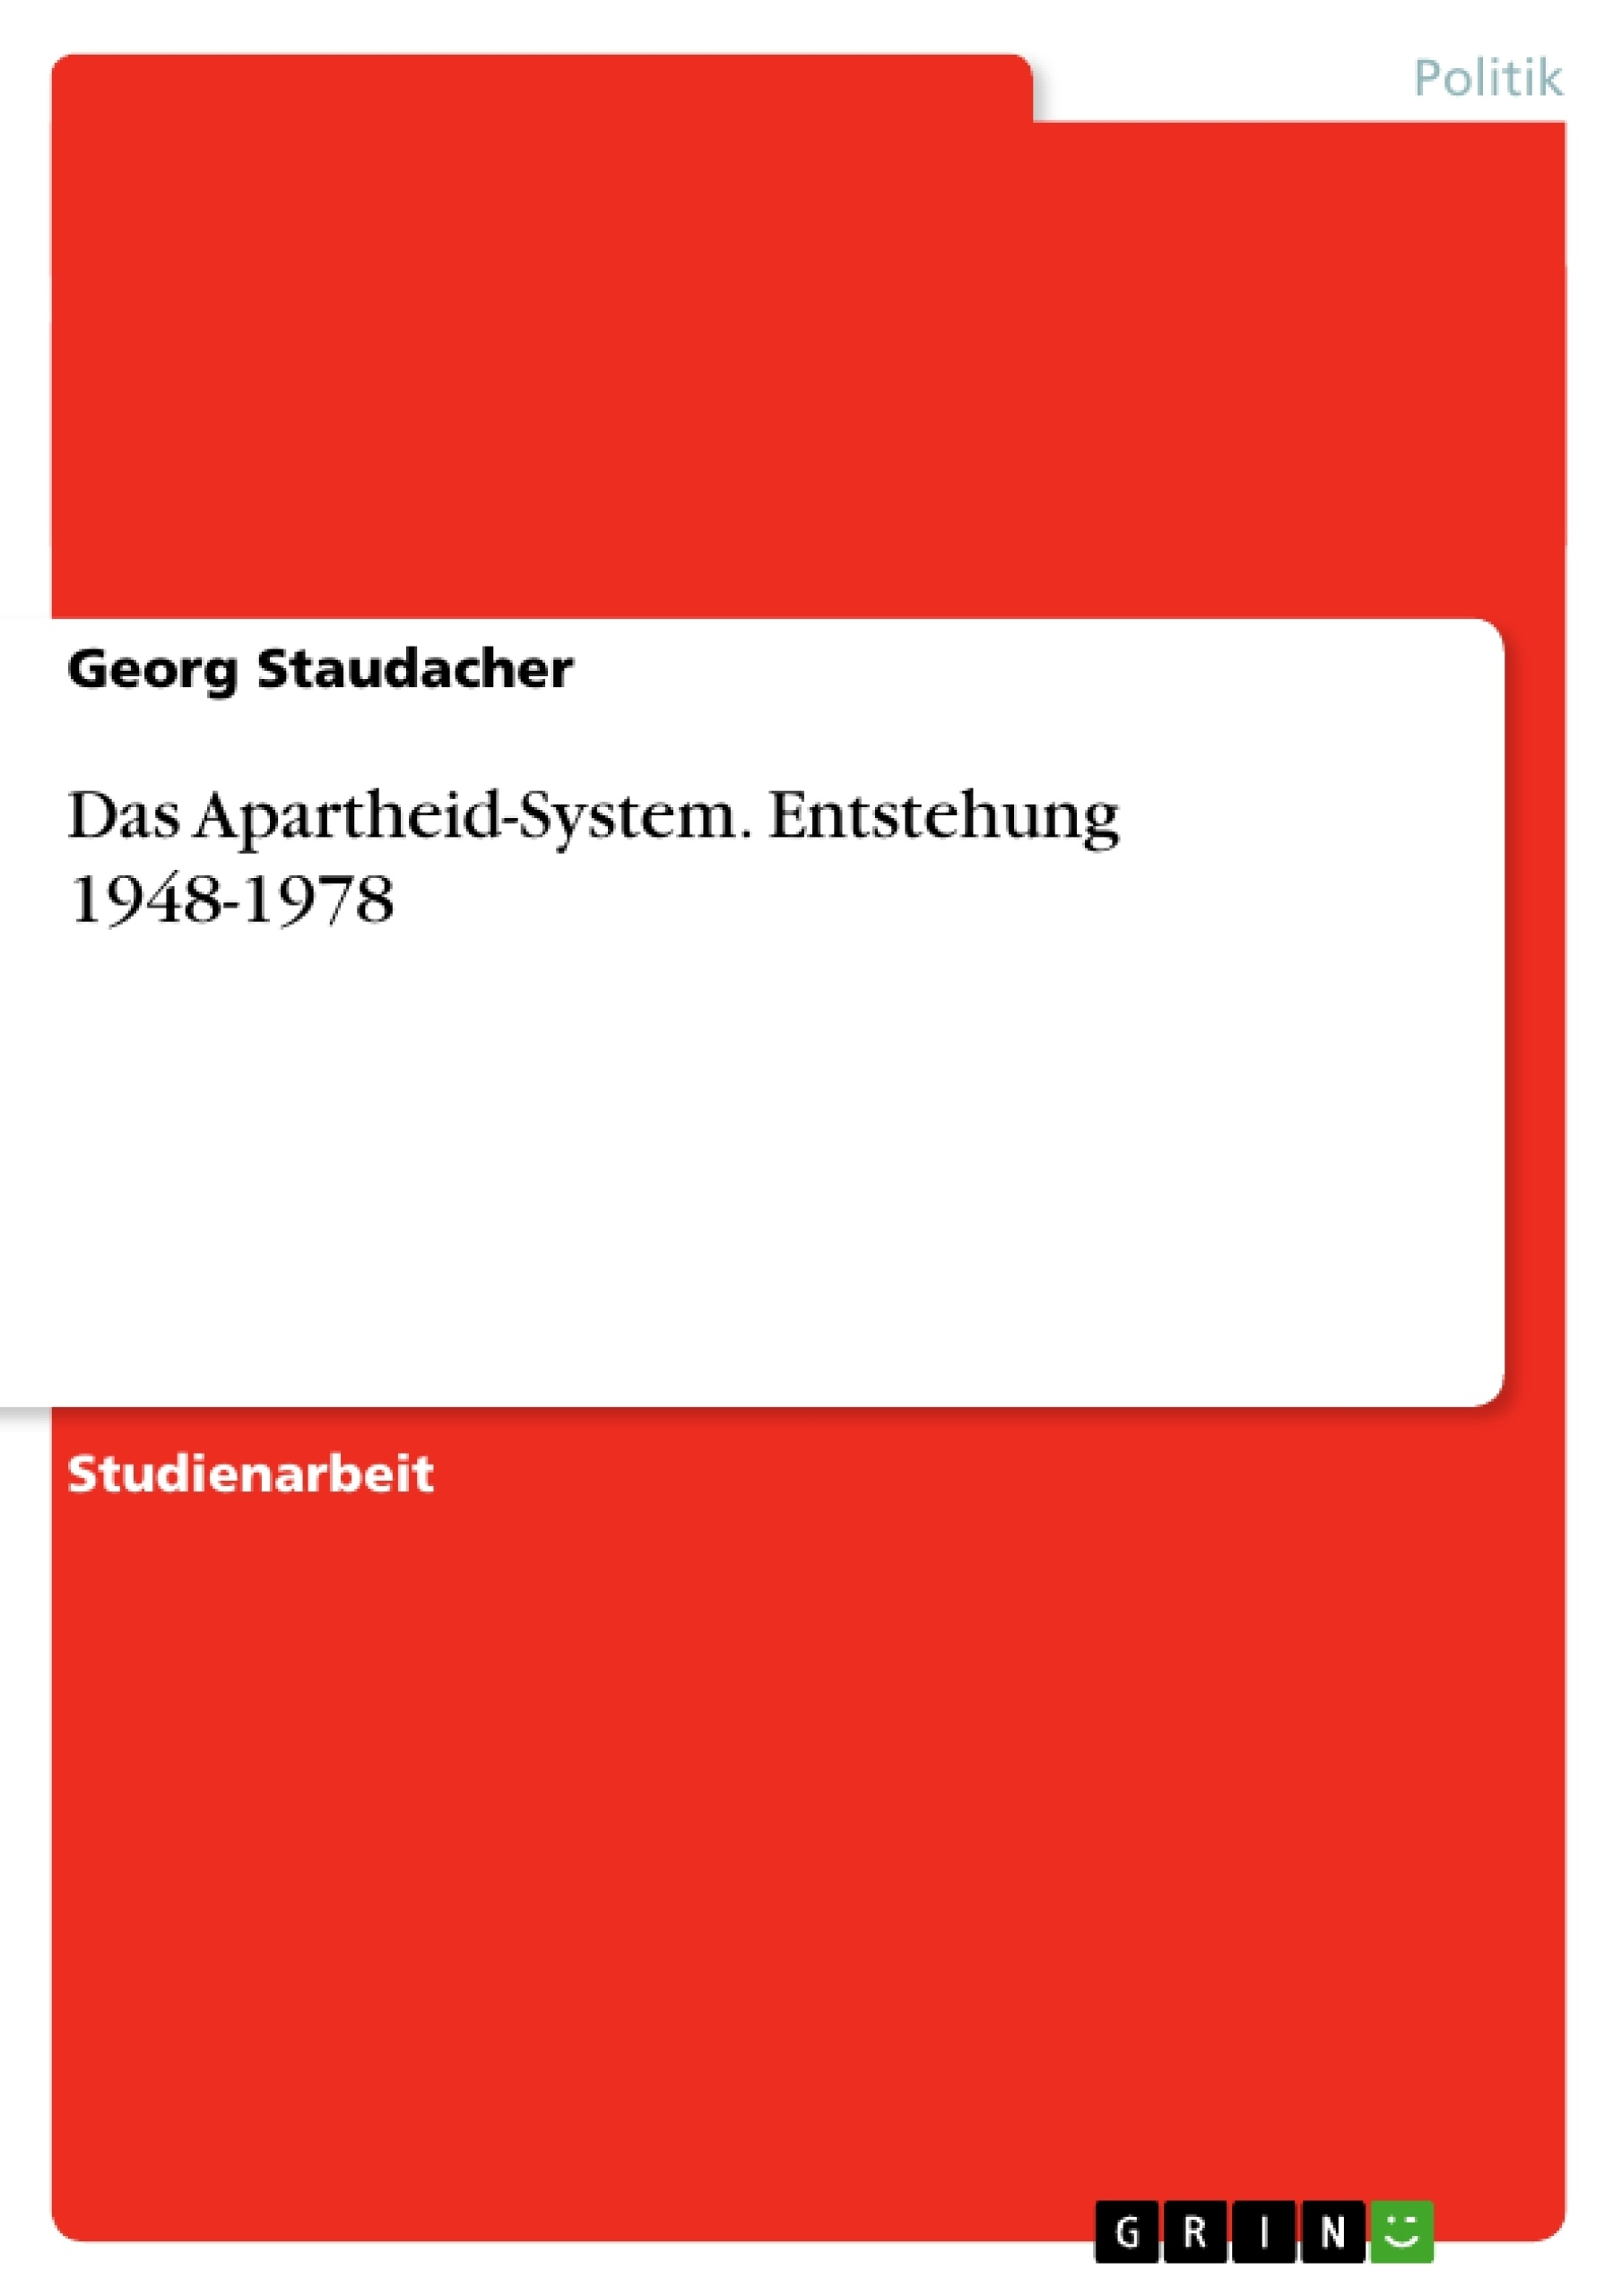 Titel: Das Apartheid-System. Entstehung 1948-1978